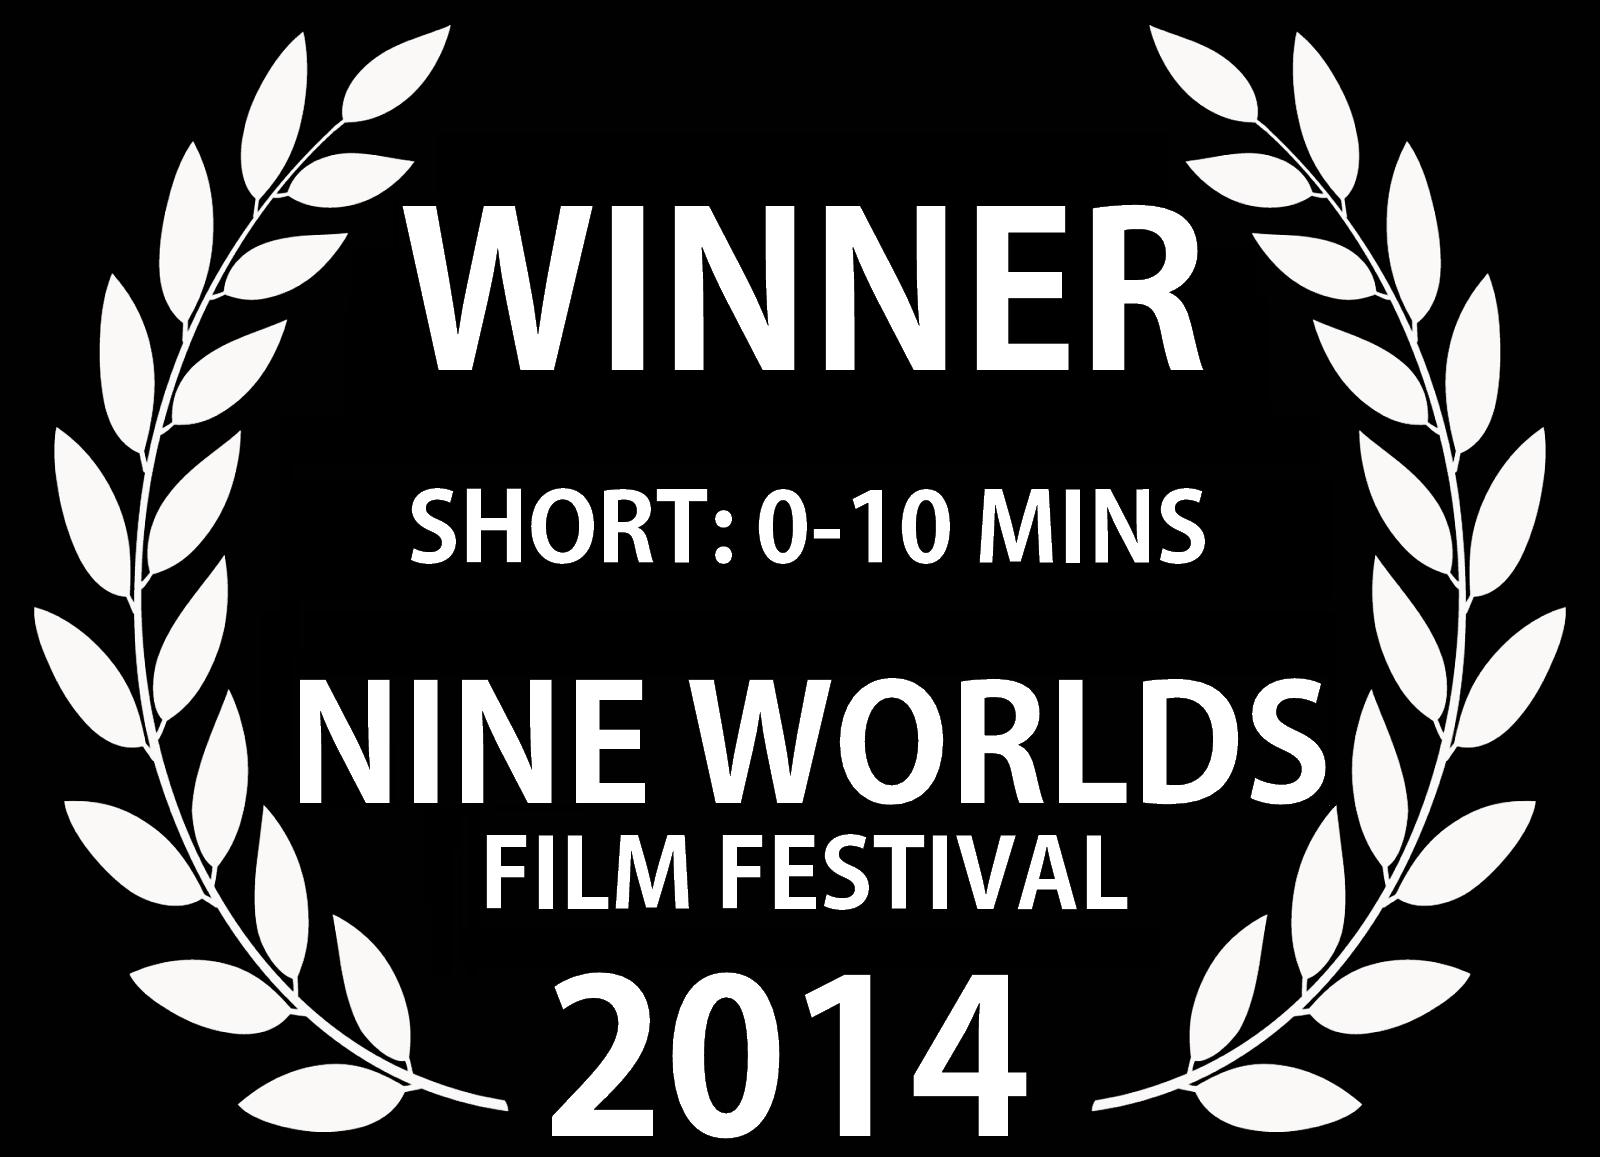 9W FILM FEST LAUREL WINNER SHORT 0-10.png